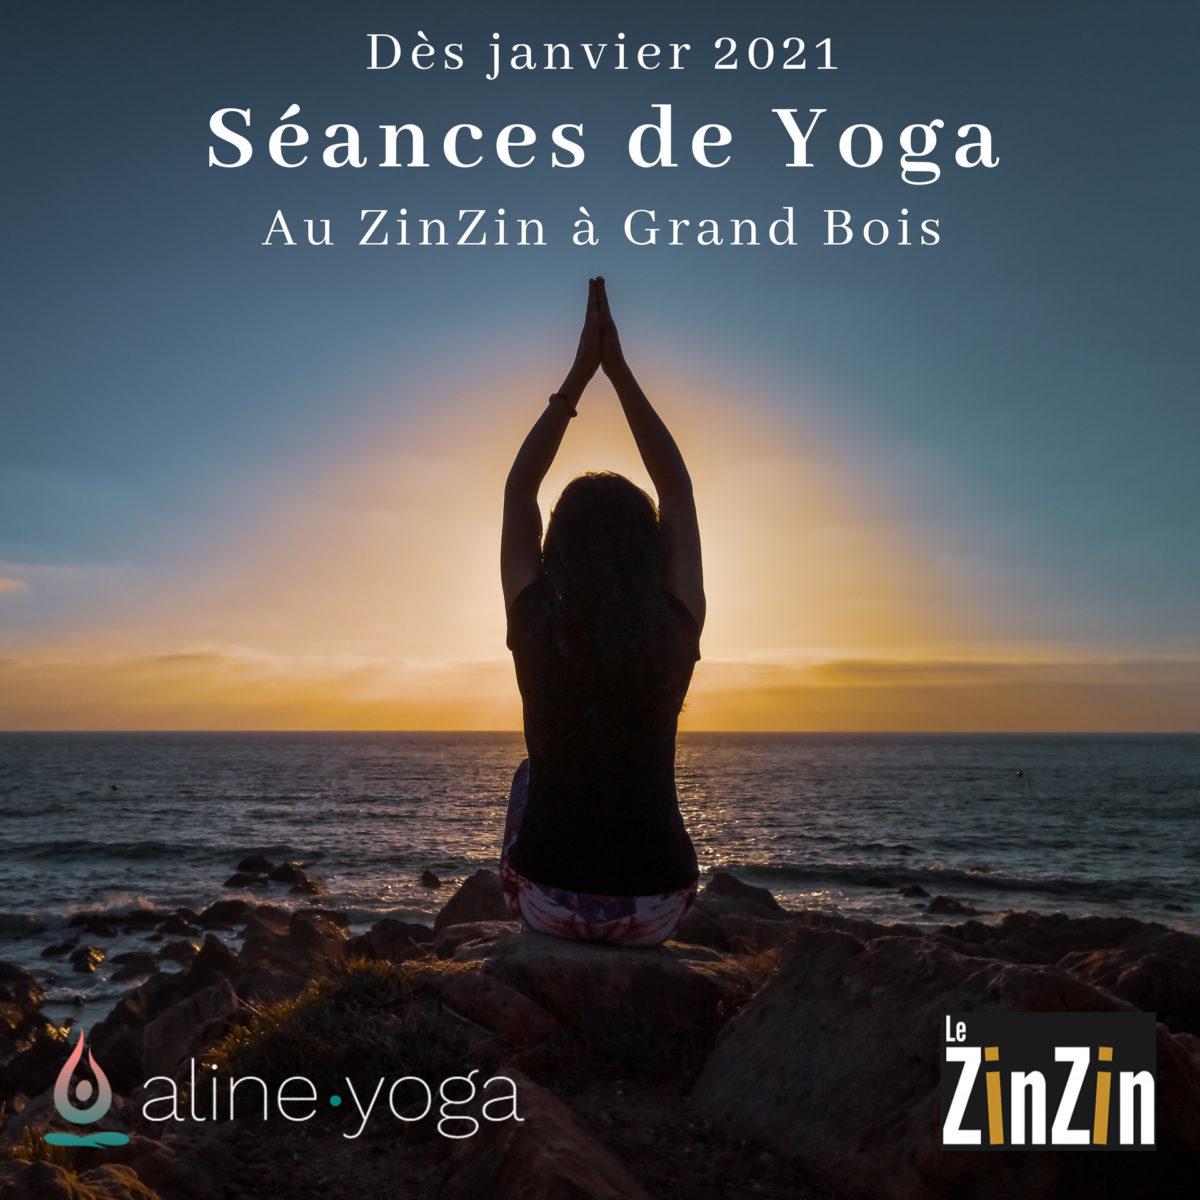 Une femme pratiquant la posture du lotus du Hatha yoga au coucher du soleil devant la plage